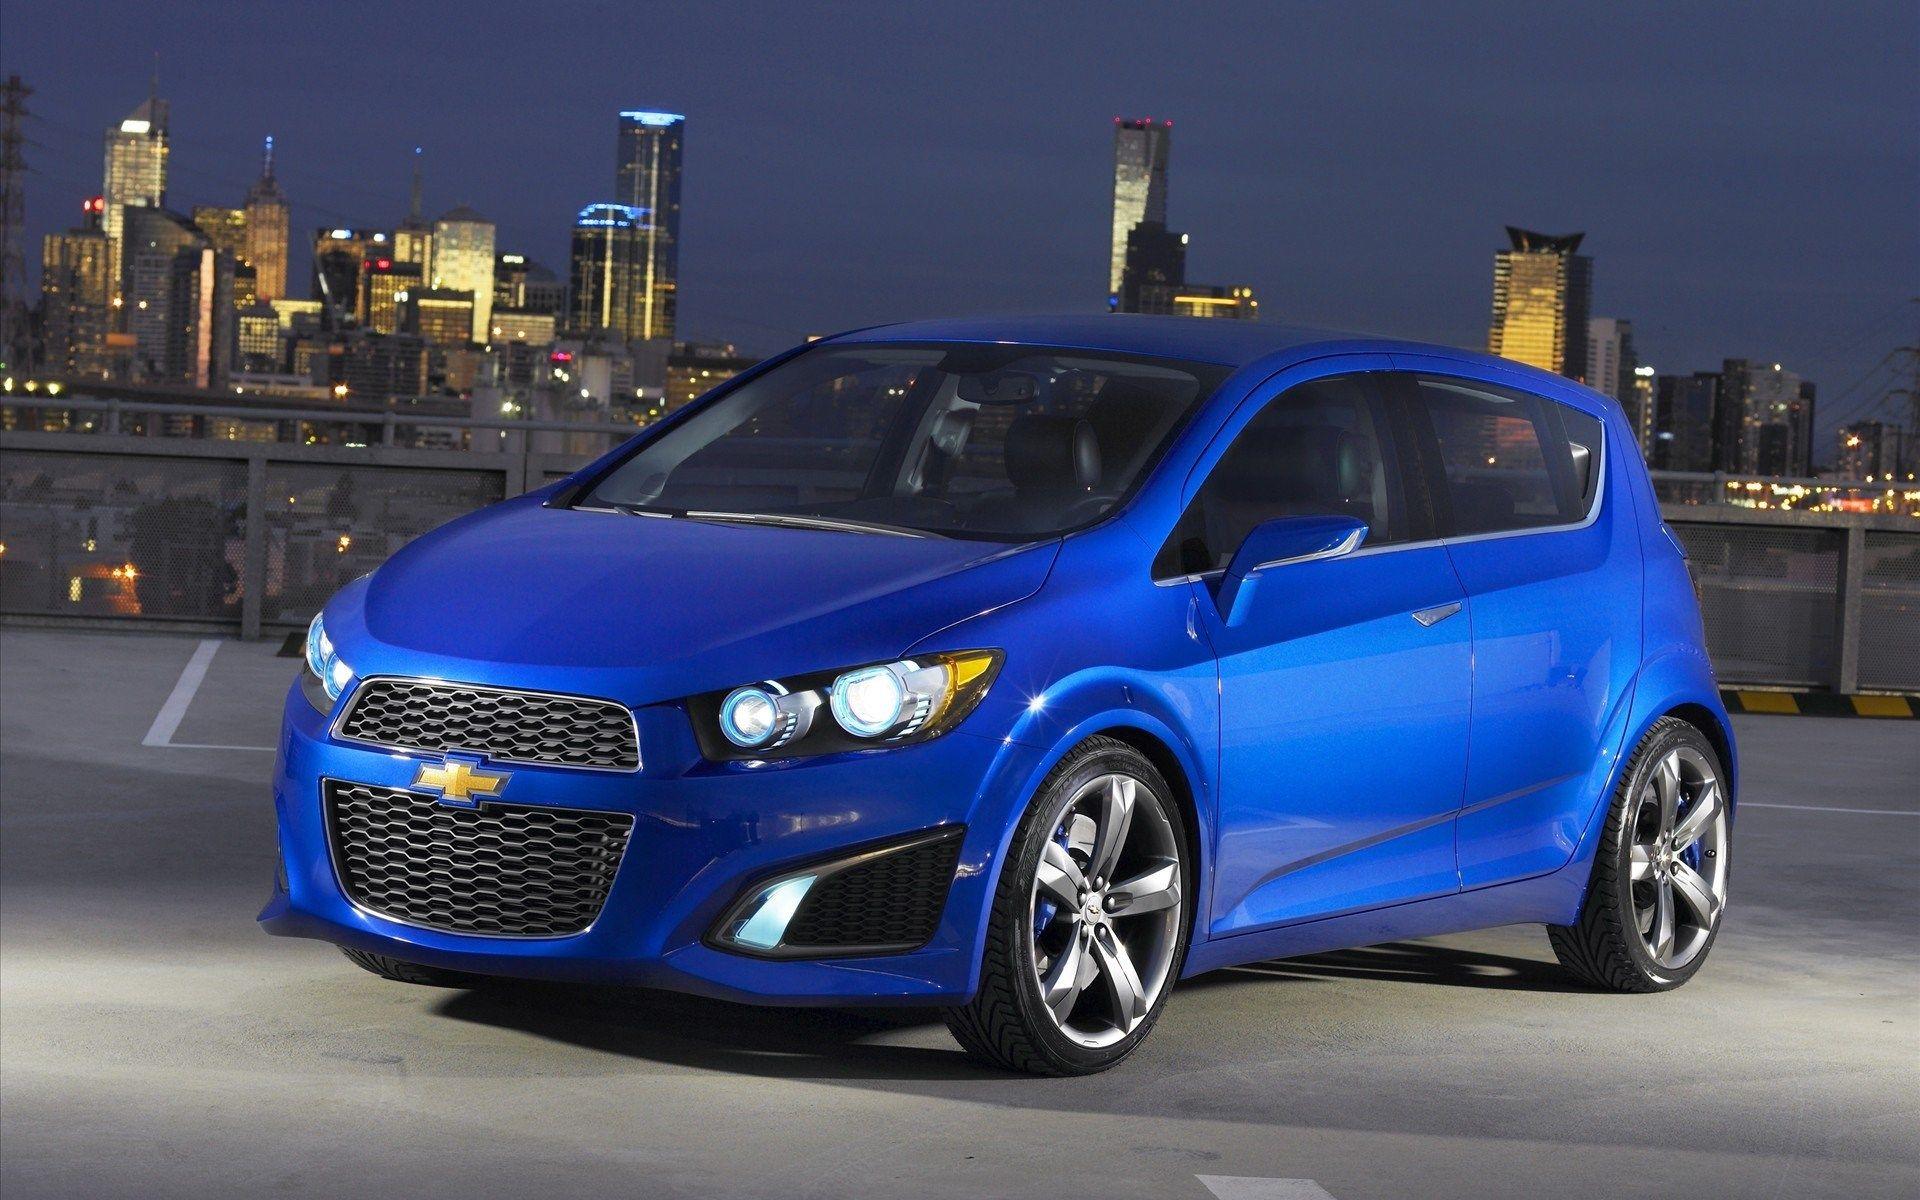 2016 Sonic Hatchback Car 5 Door Hatchbacks Chevrolet Chevy Sonic Chevrolet Sonic Hatchback Cars